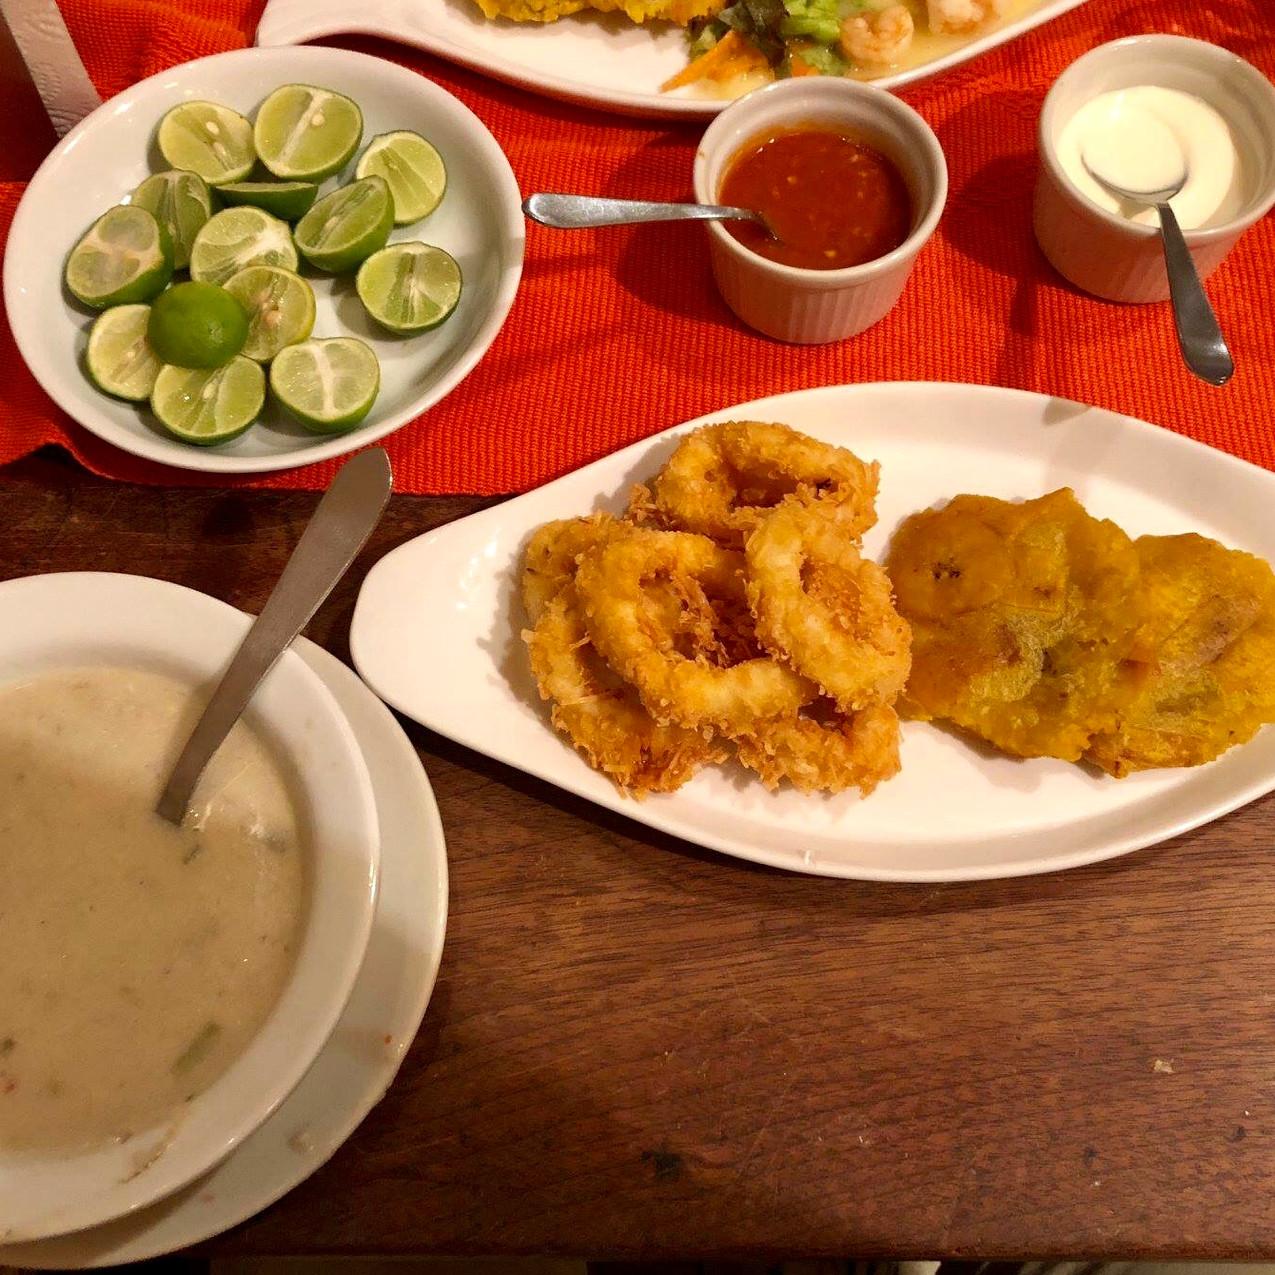 Fish soup, fried calamari, & tostone